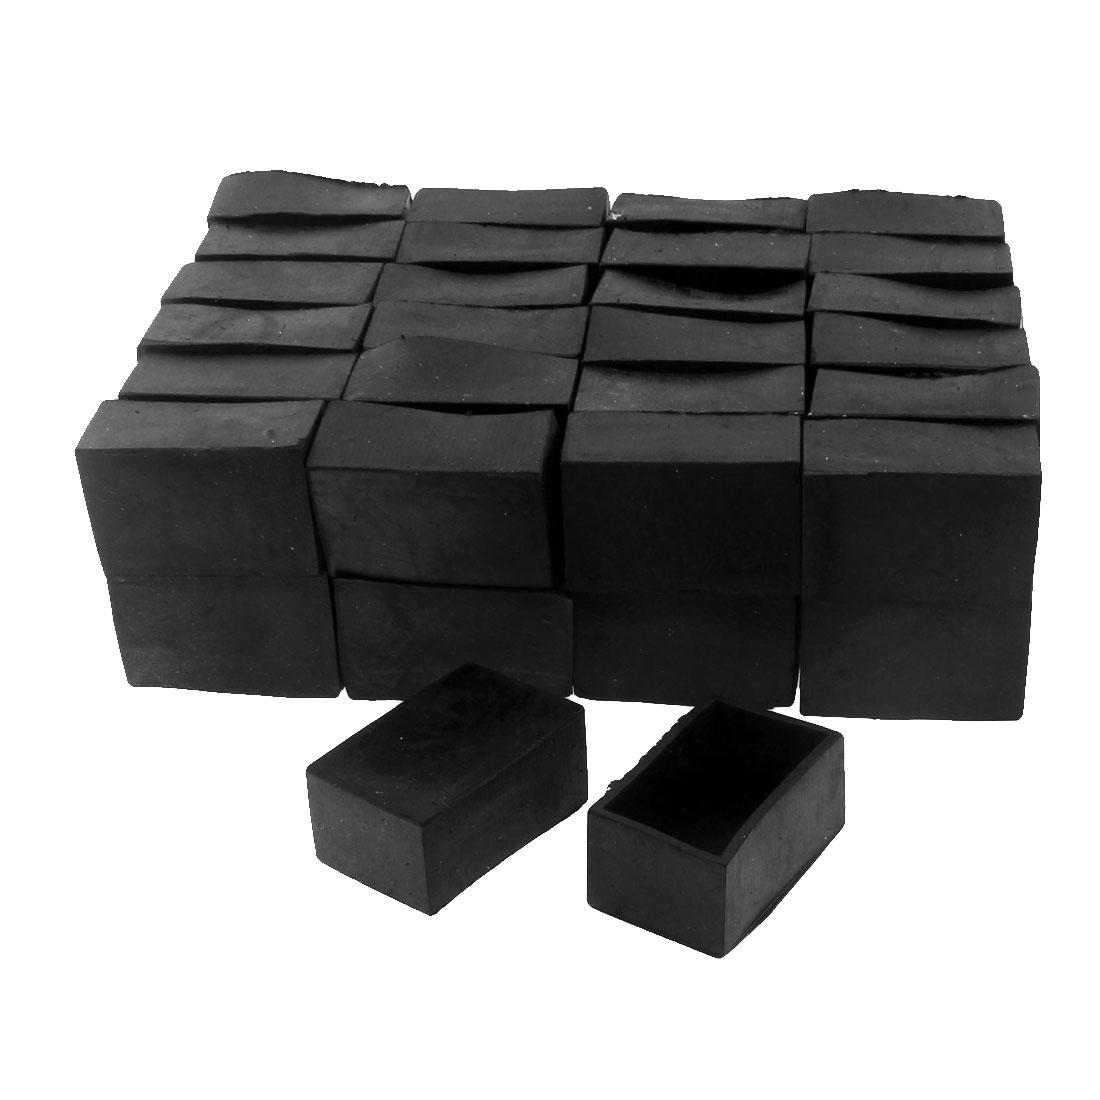 50mm x 30mm Rectangle Shape Furniture Table Desk Foot Leg Rubber End Cap Cover Black 50pcs